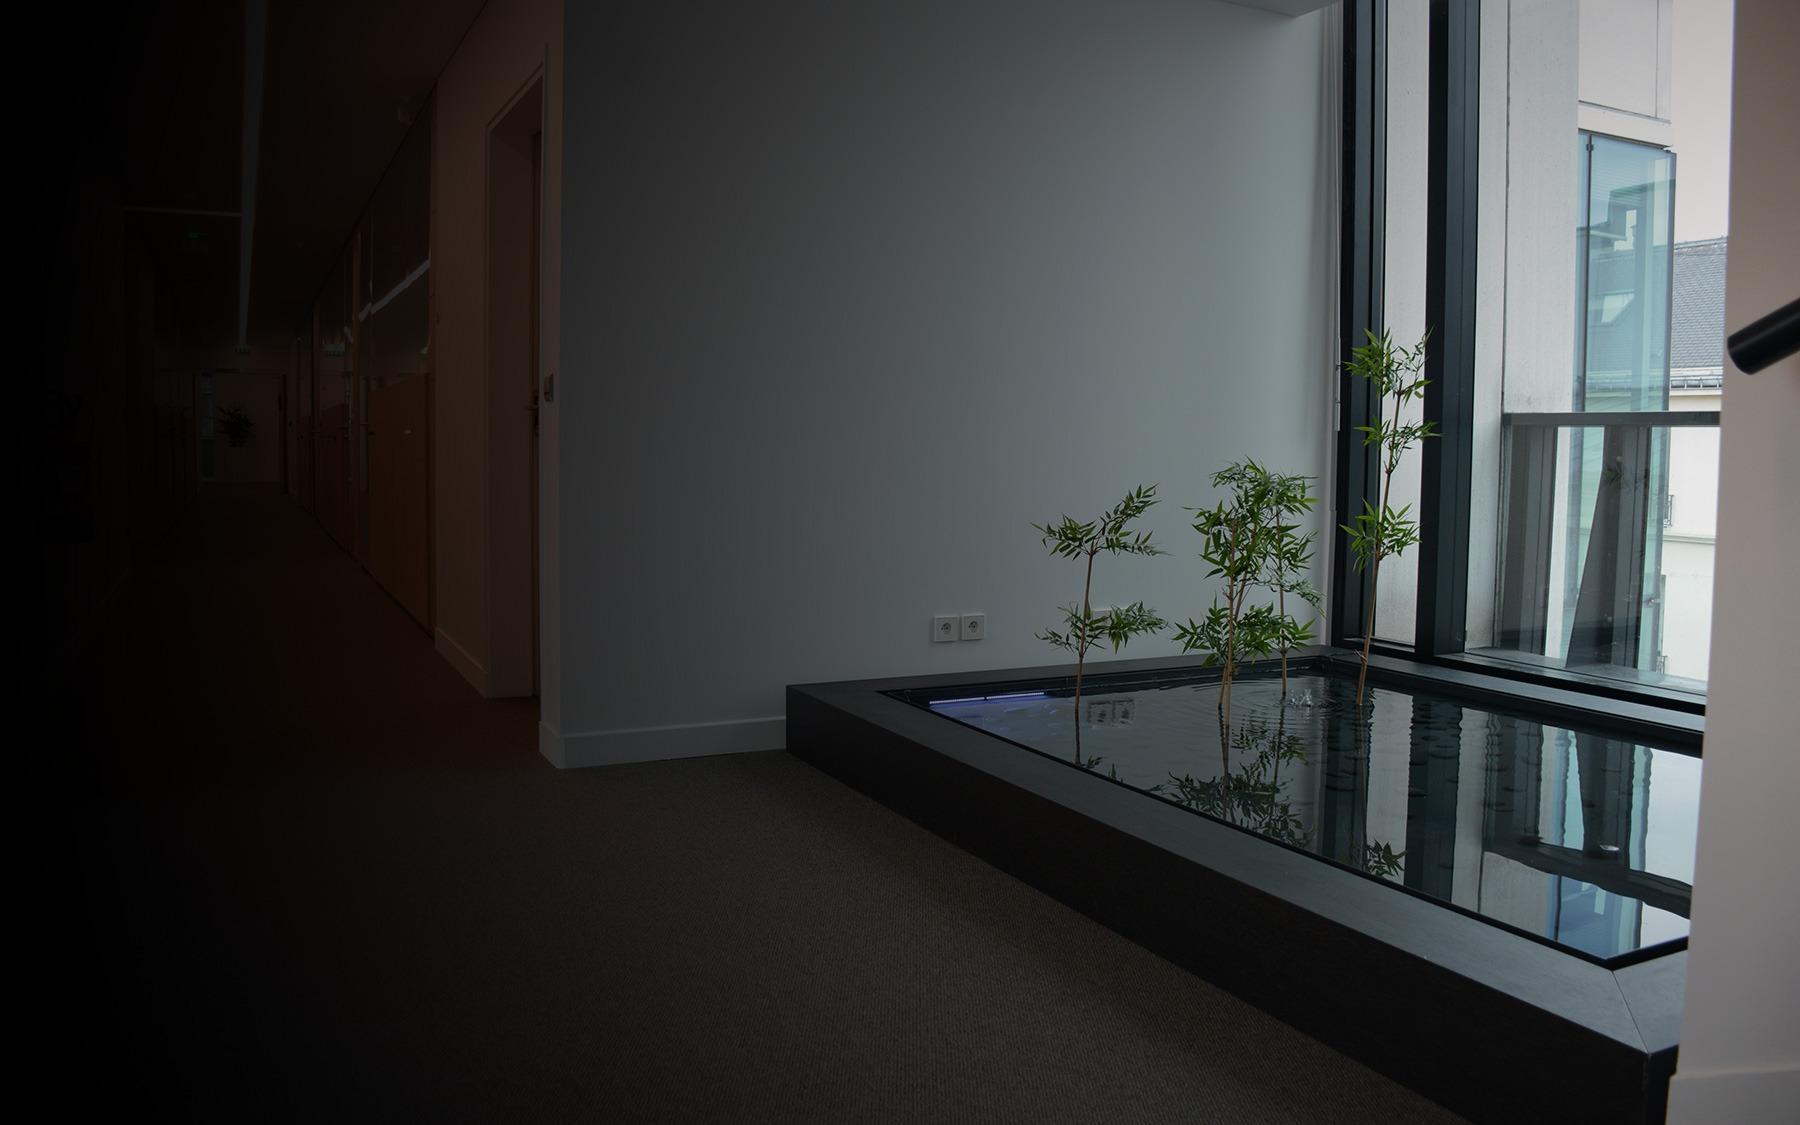 un bassin int rieur sur mesure oc an d 39 interieur. Black Bedroom Furniture Sets. Home Design Ideas